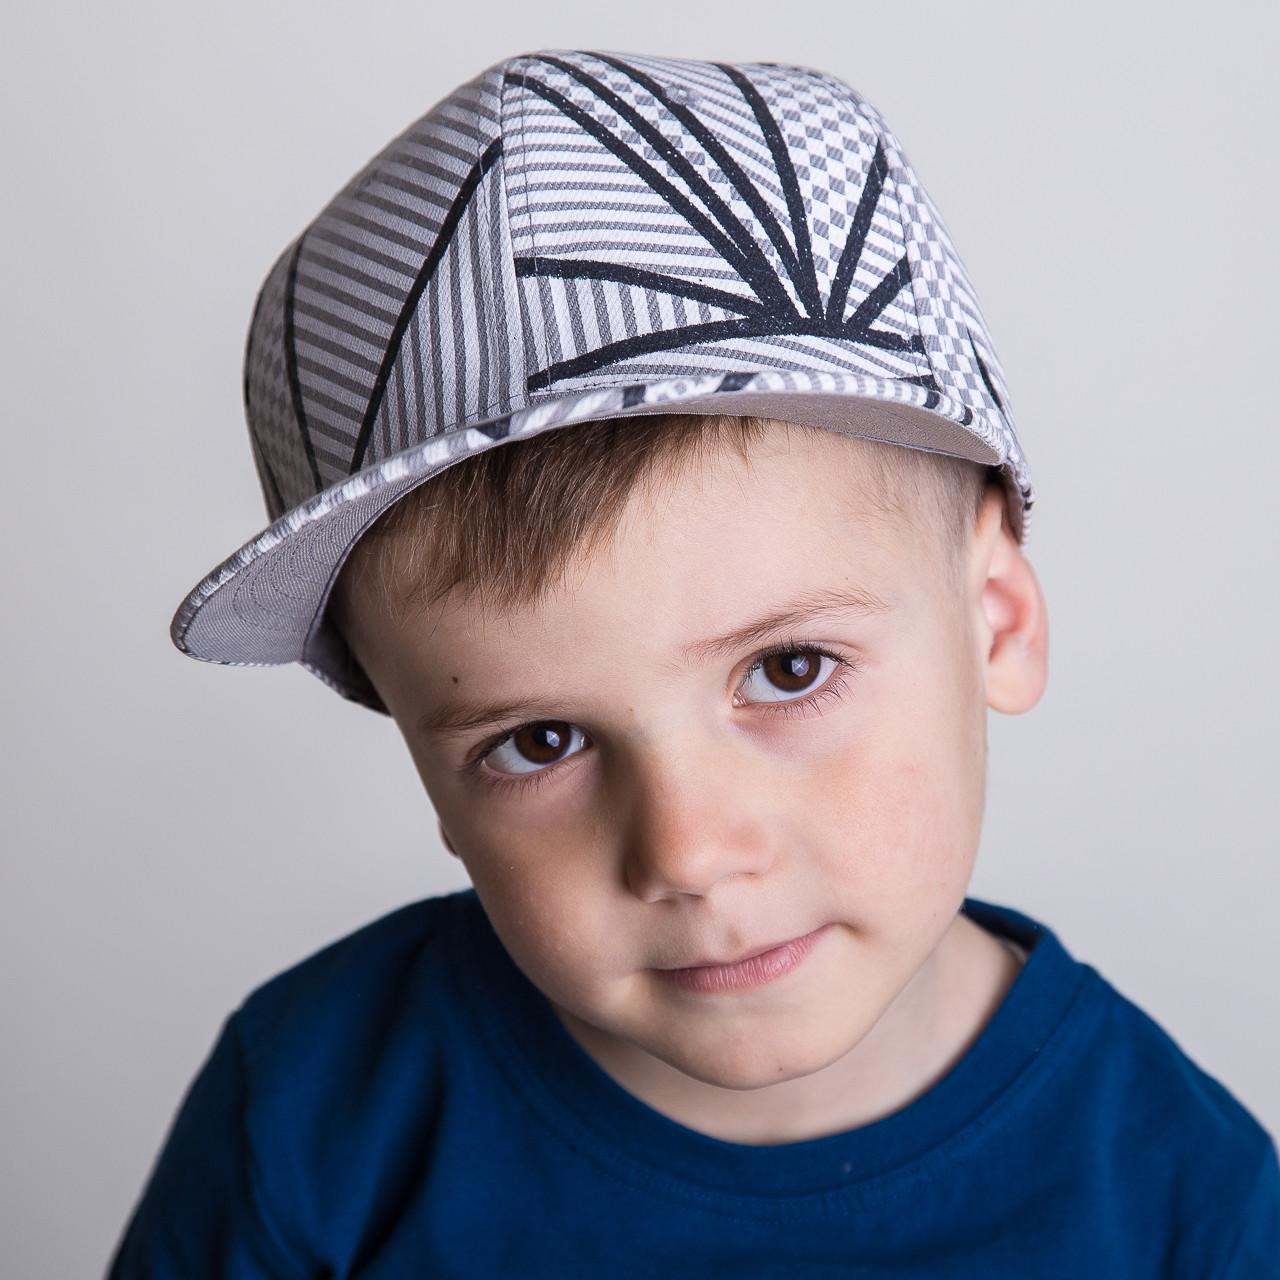 Реперская кепка для мальчика Snapback от производителя - Паутина - Б40